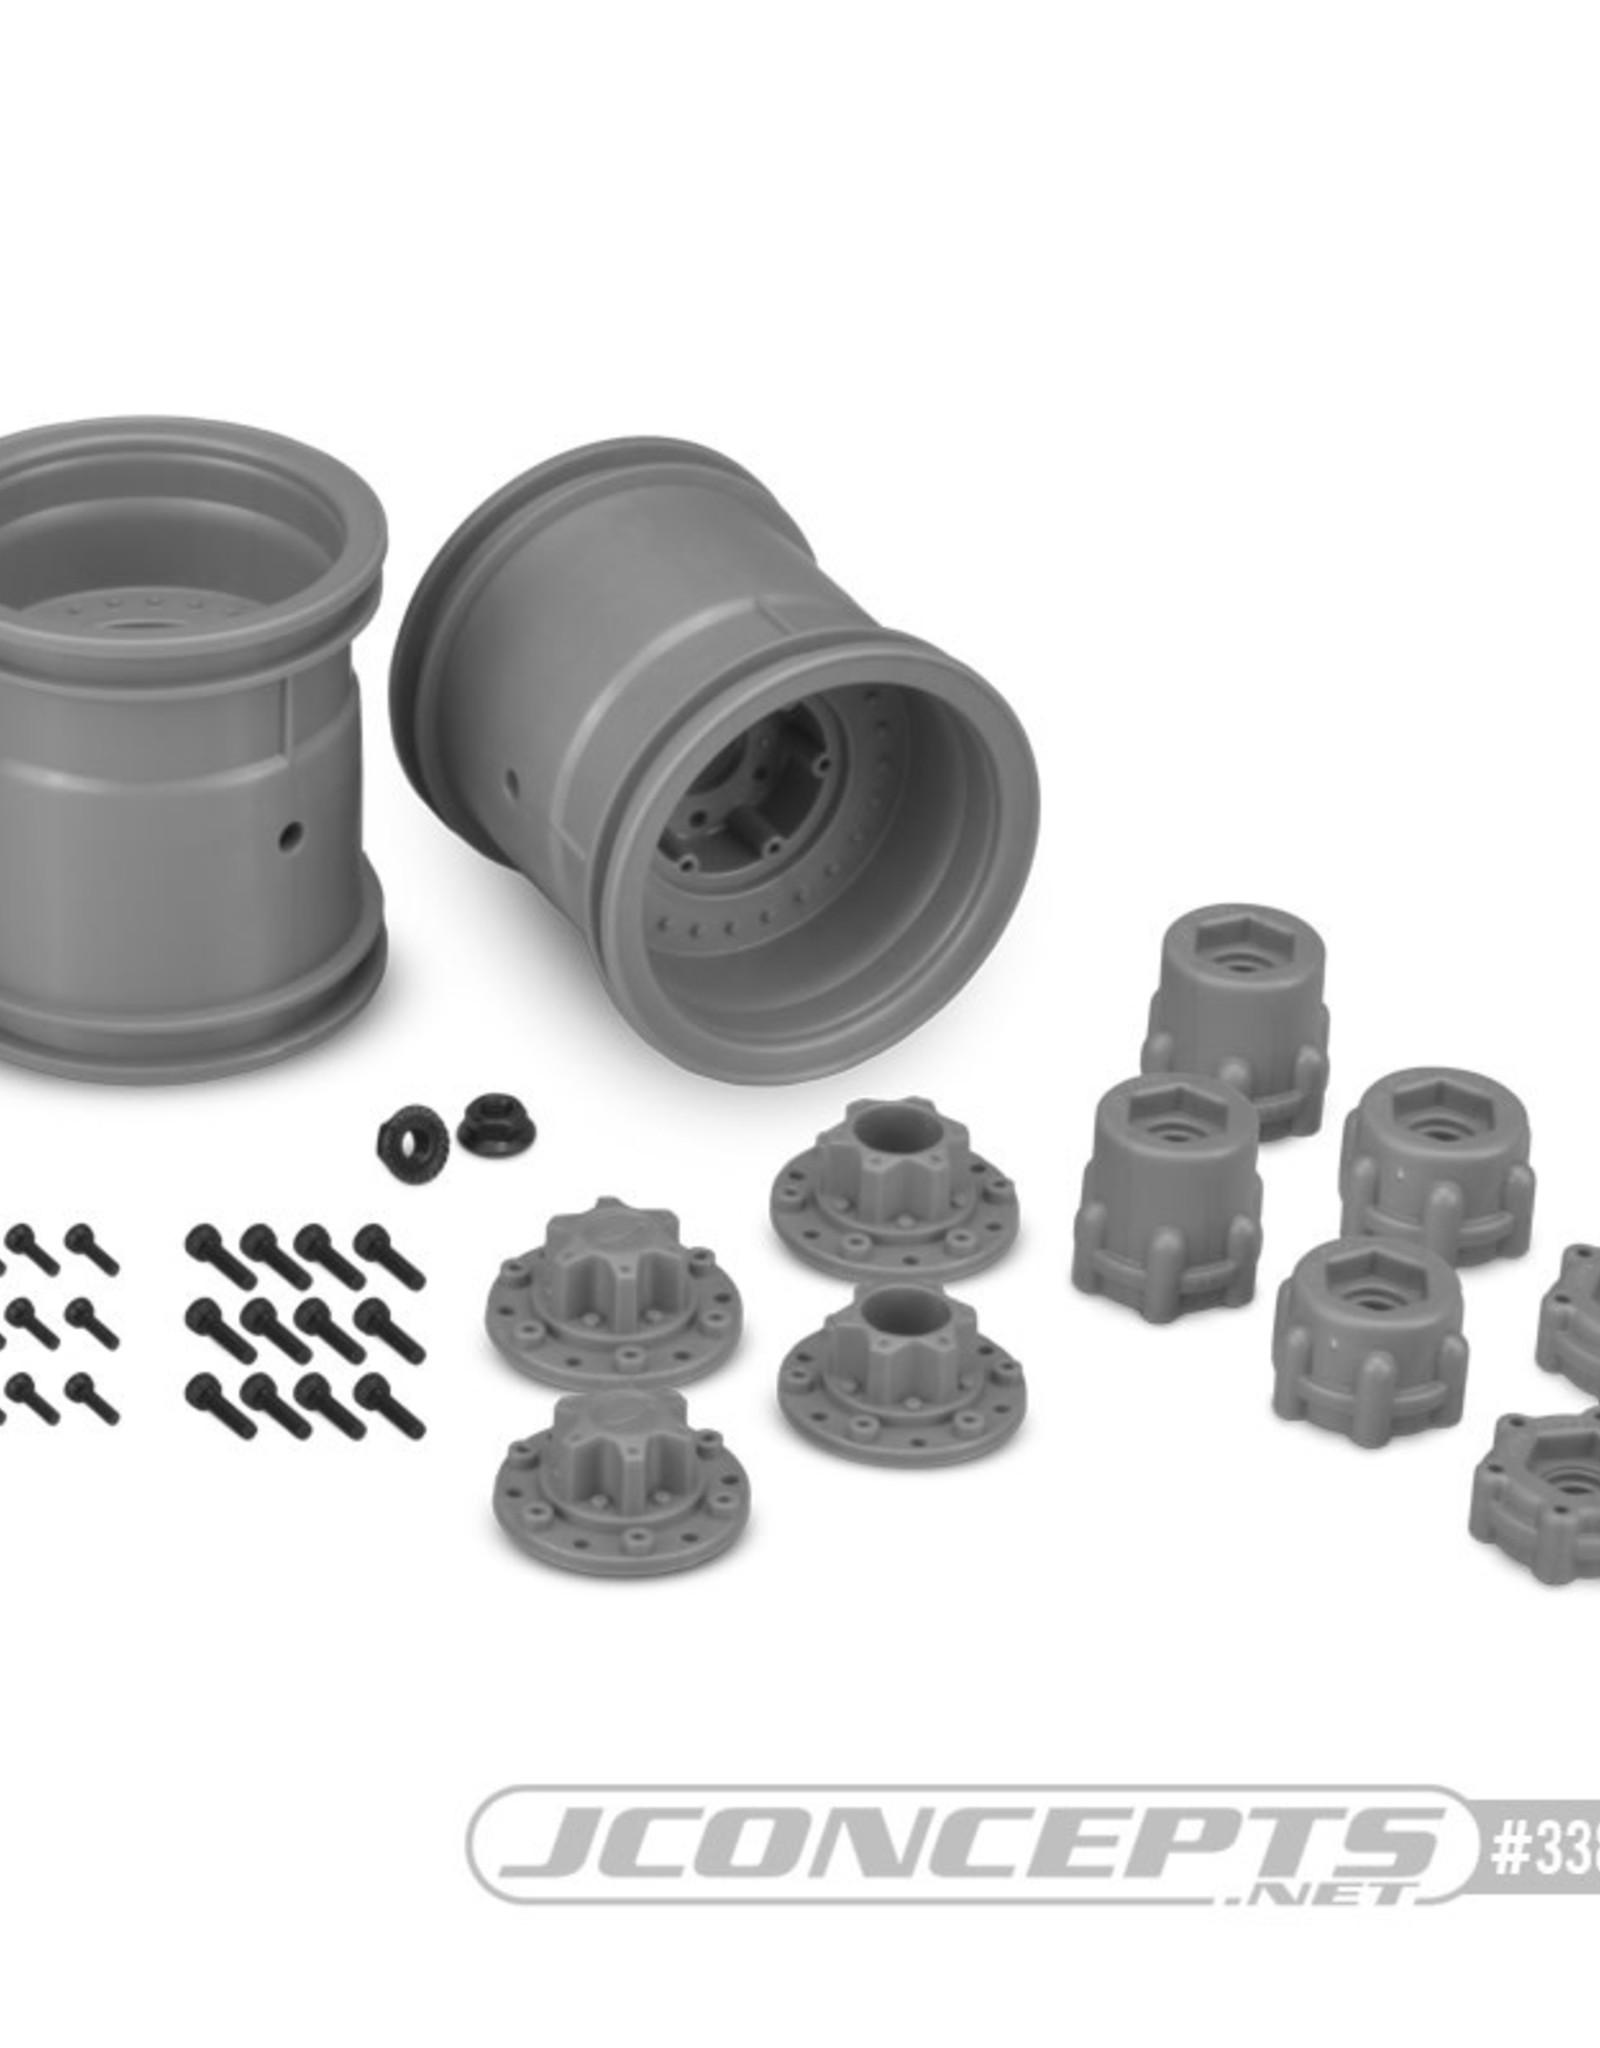 """JConcepts JConcepts Midwest 2.2"""" MT 12mm Hex Whls with Slvr Adptr (2) JCO3380S"""